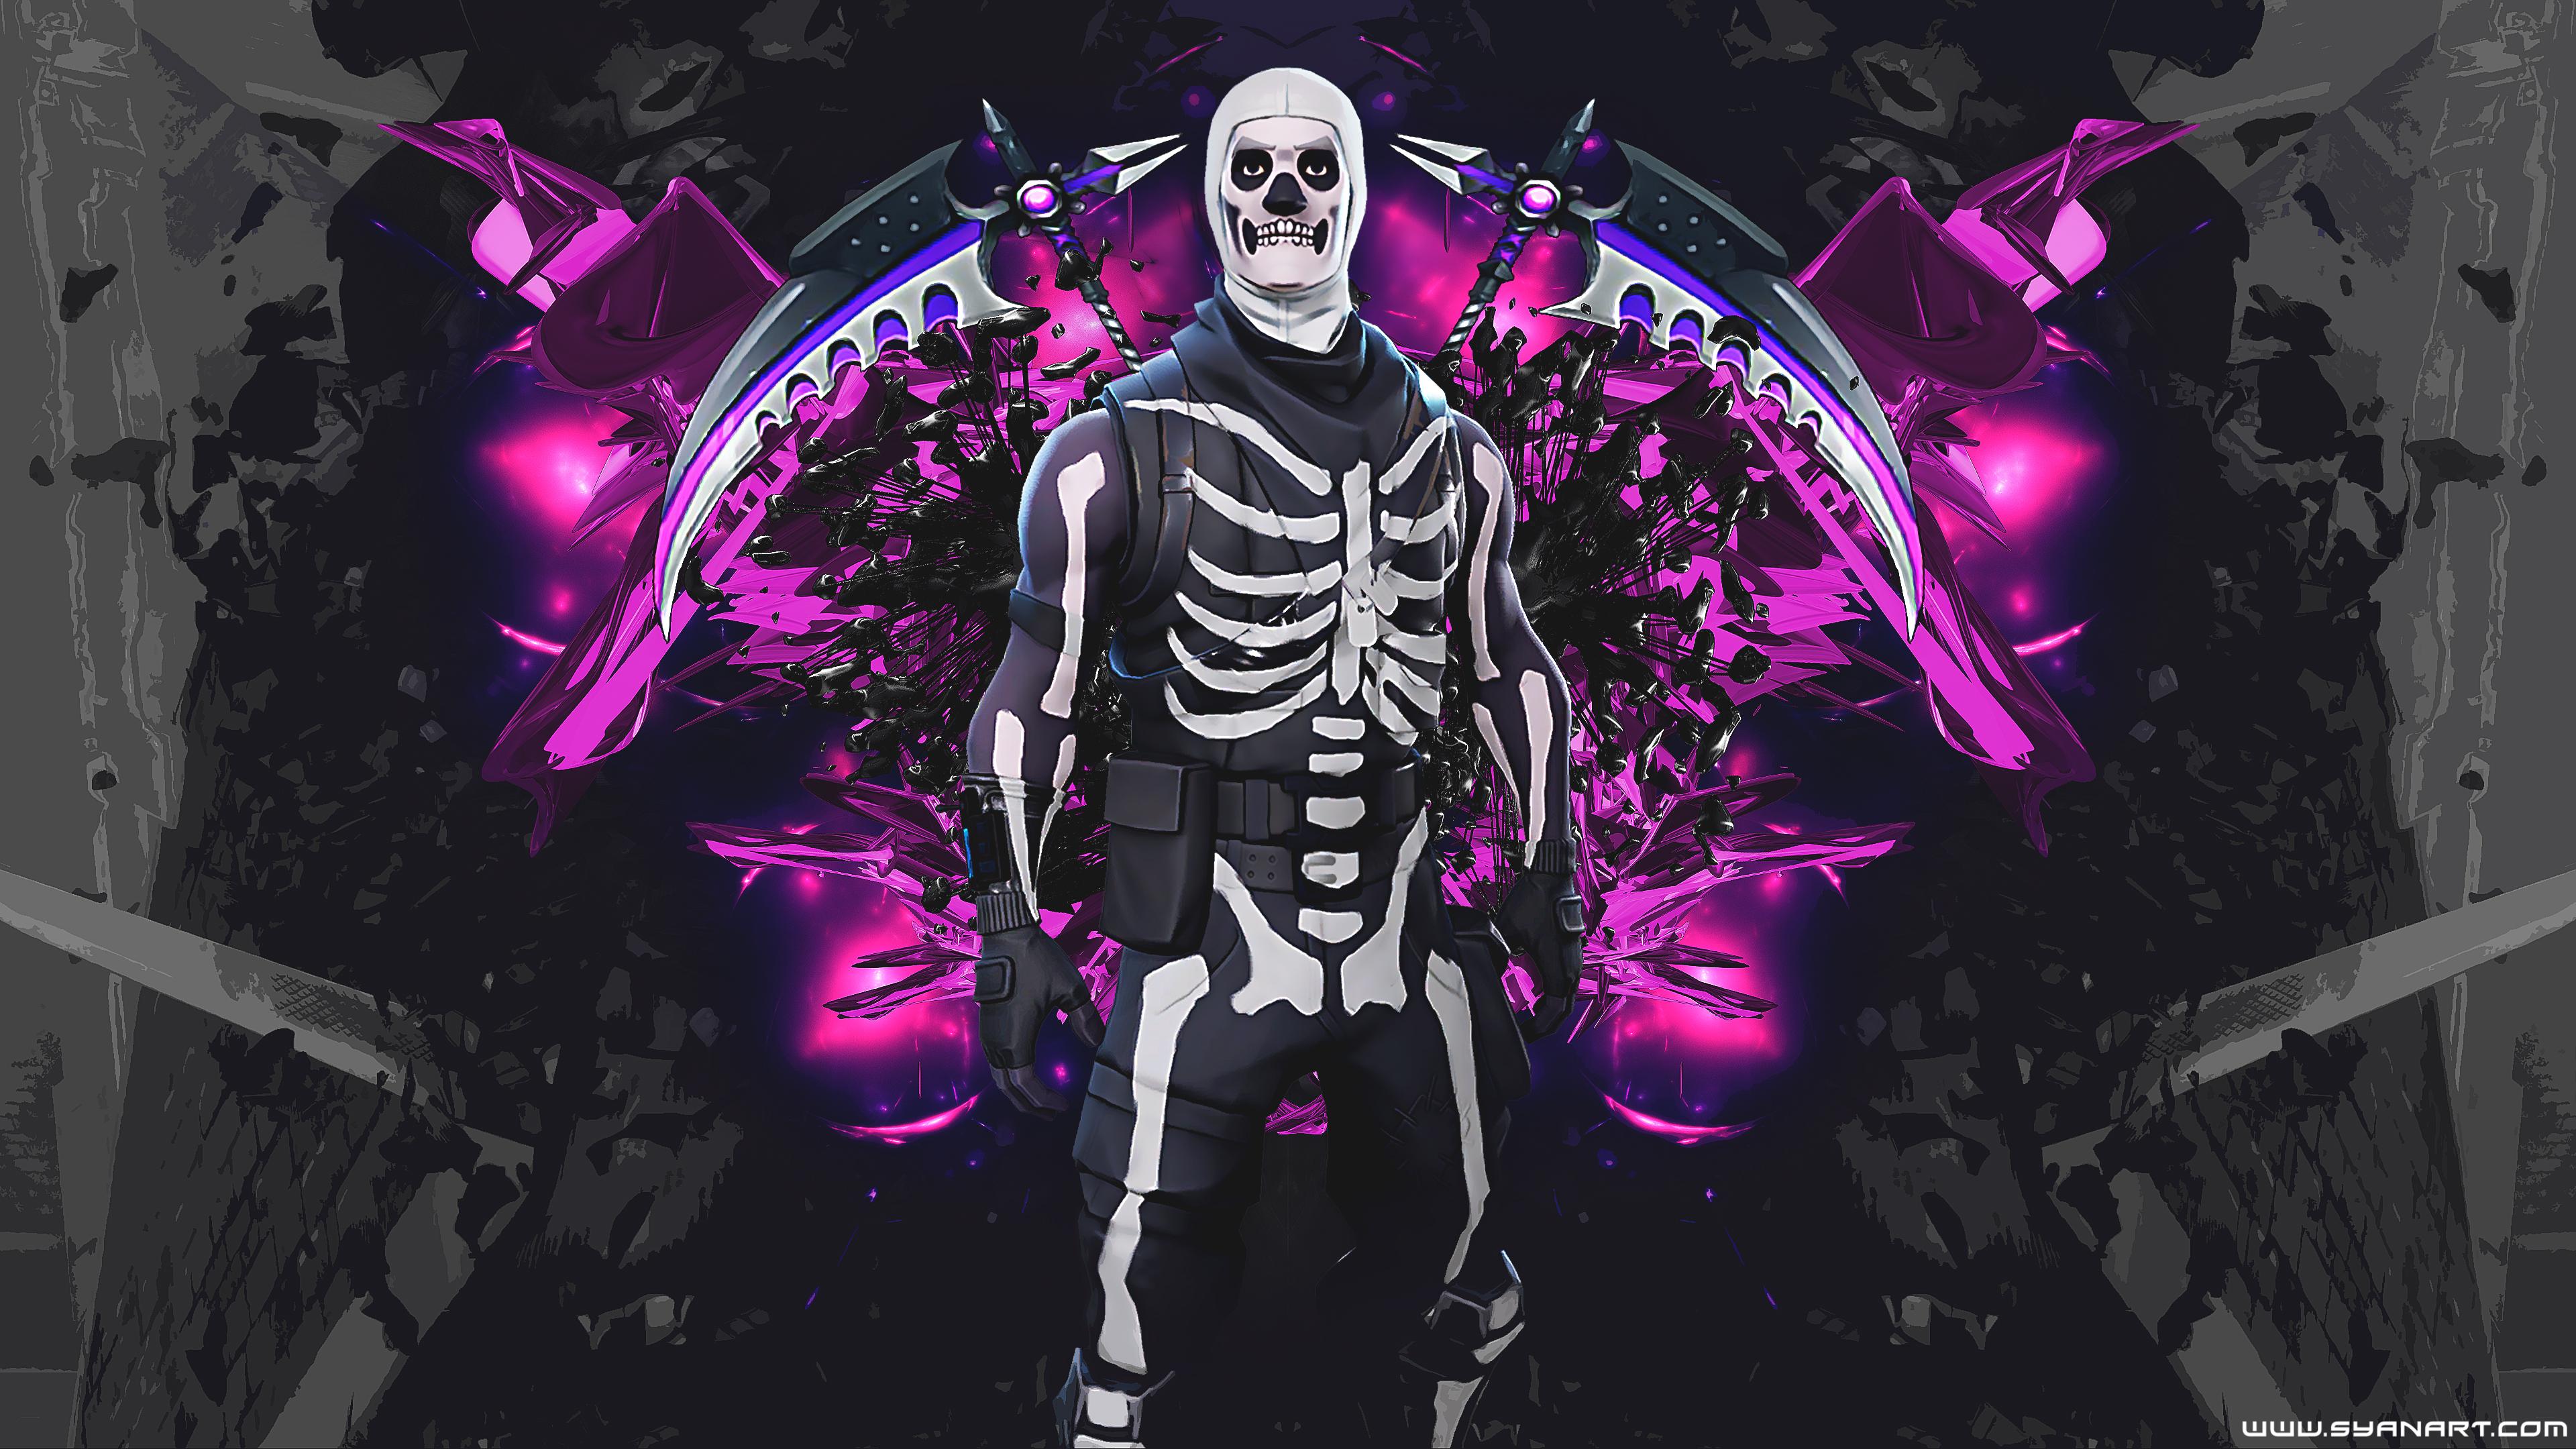 Fortnite Skull Trooper 4K Wallpaper SyanArt Station 3840x2160